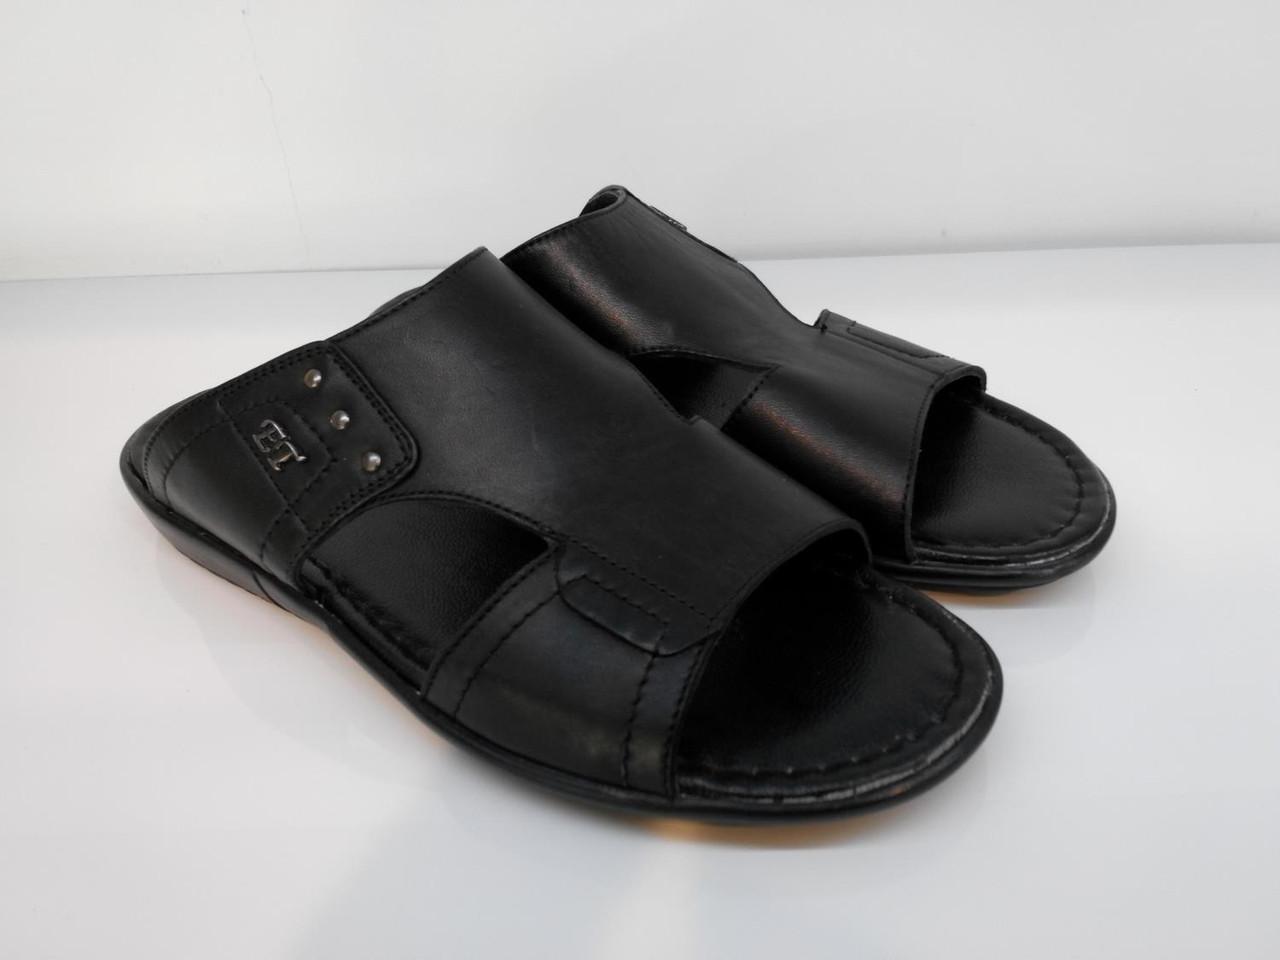 Шльопанці Etor 682-13203 40 чорні